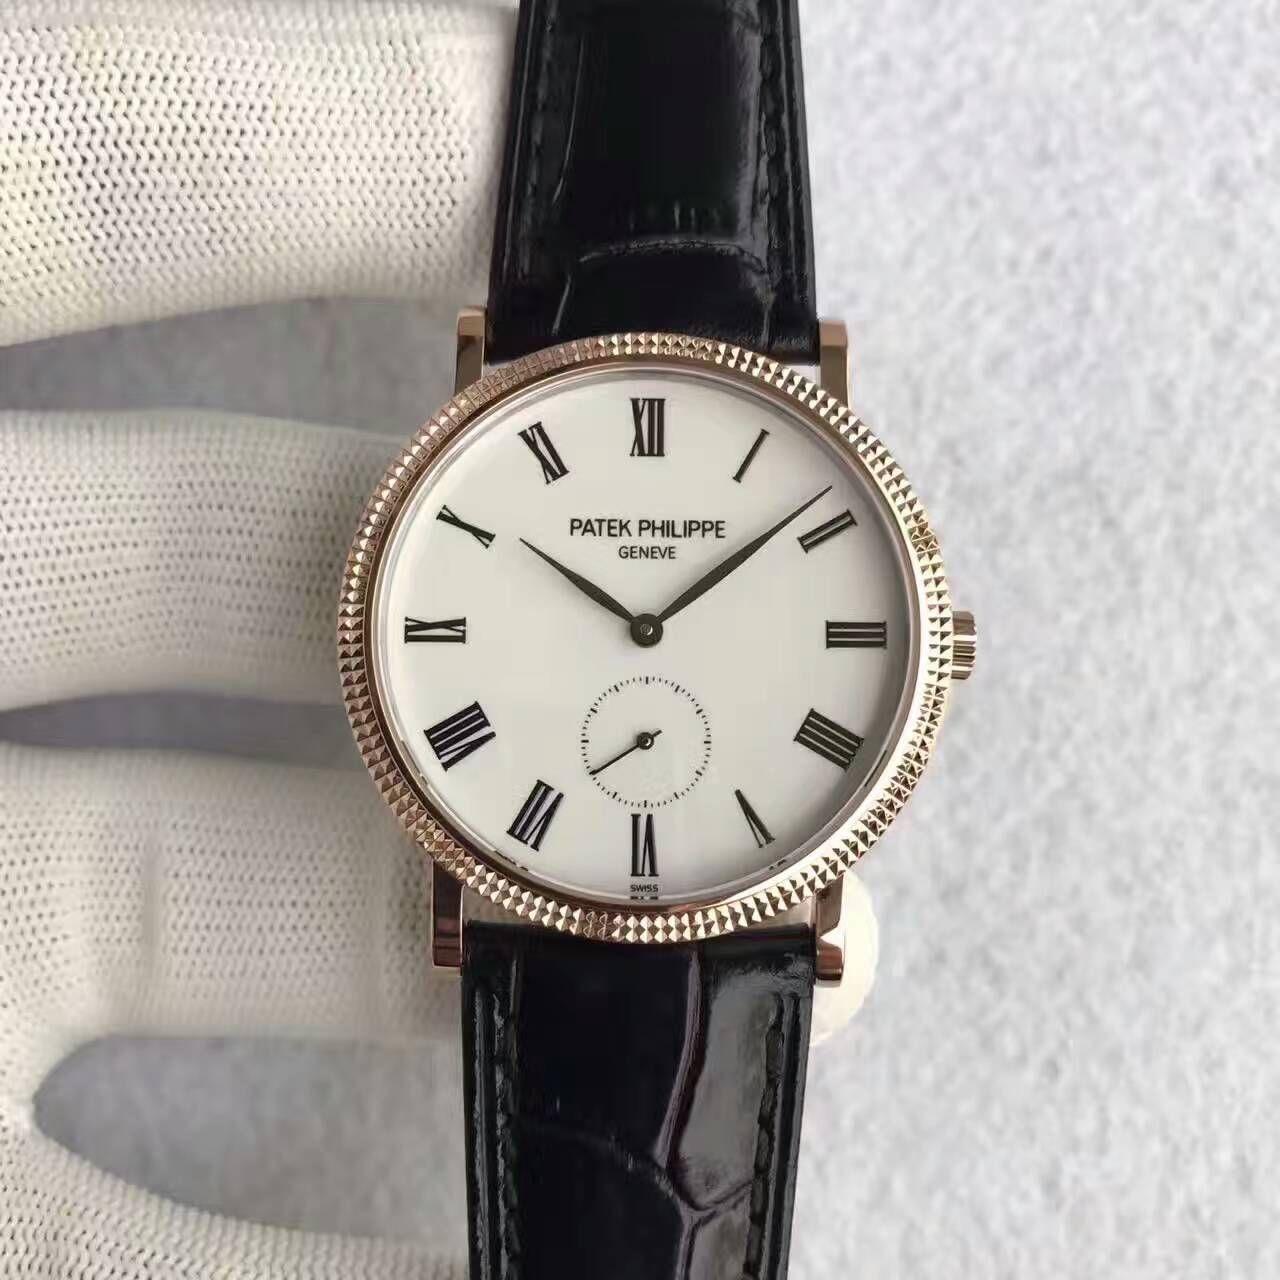 【台湾厂一比一超A高仿手表】百达翡丽古典表系列5119R-001腕表价格报价